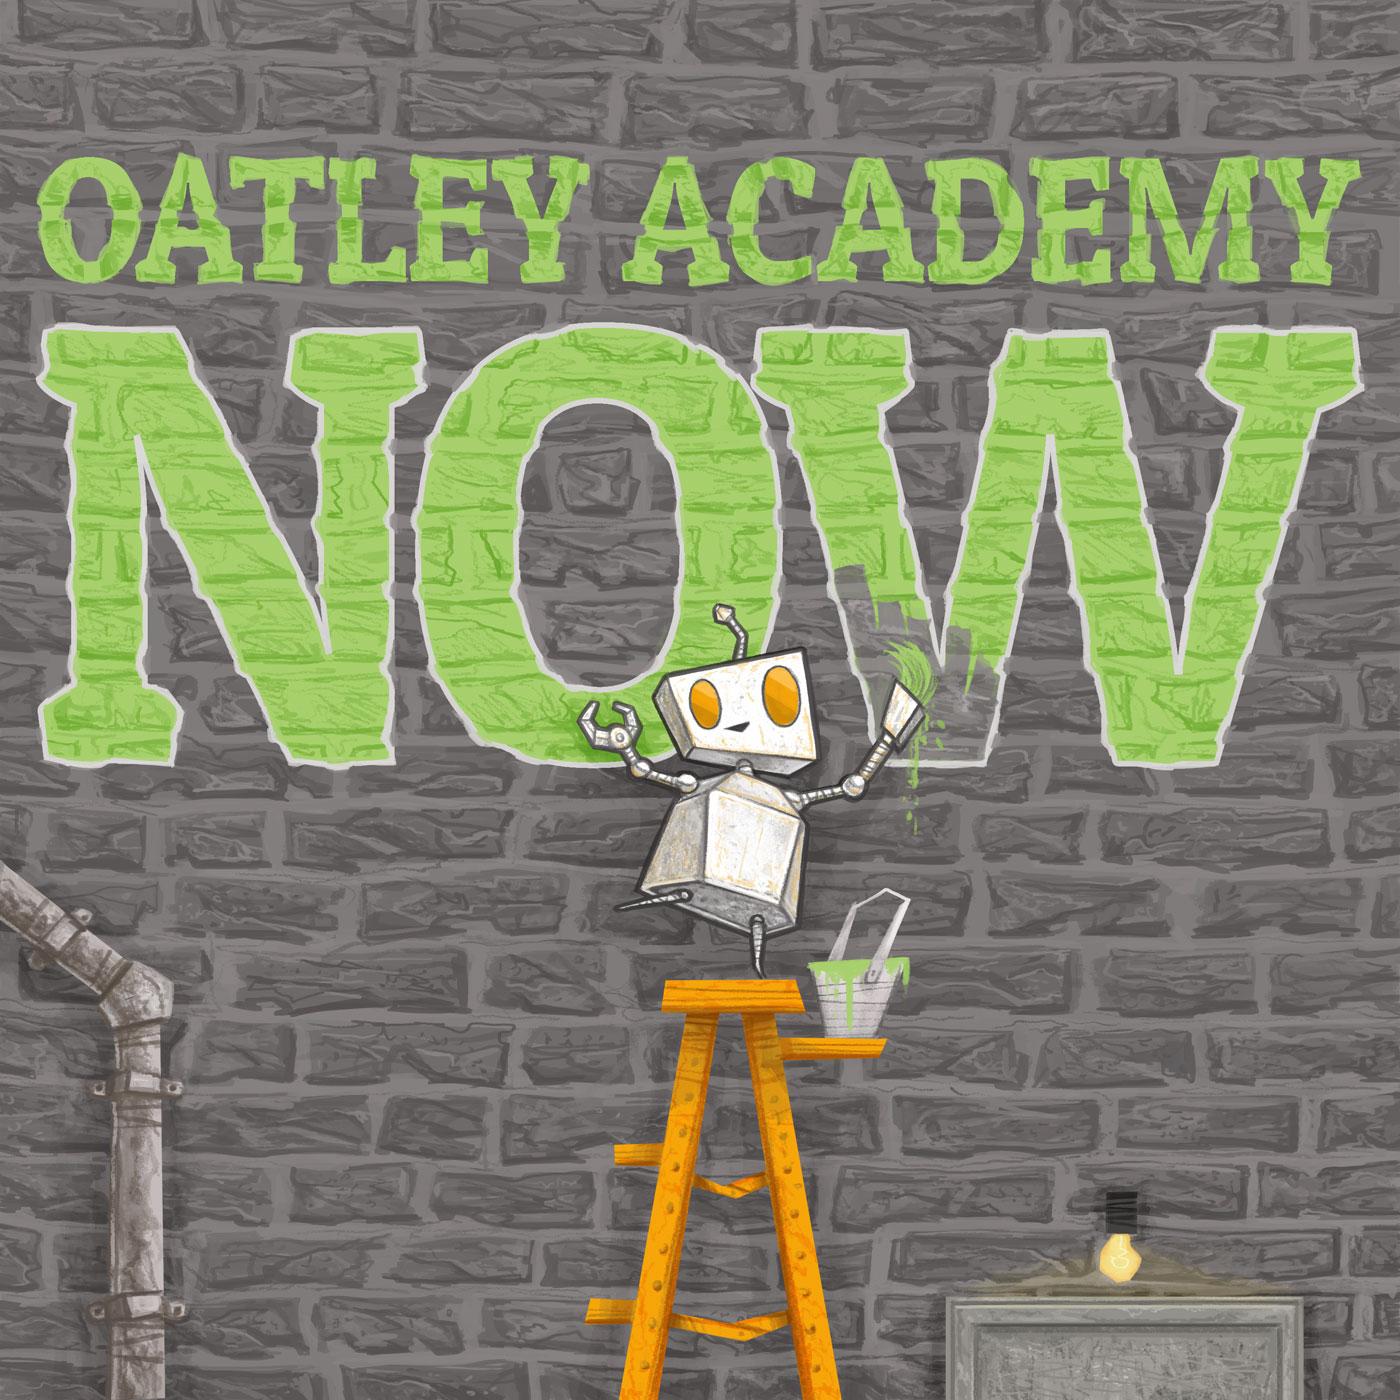 Oatley Academy Now!